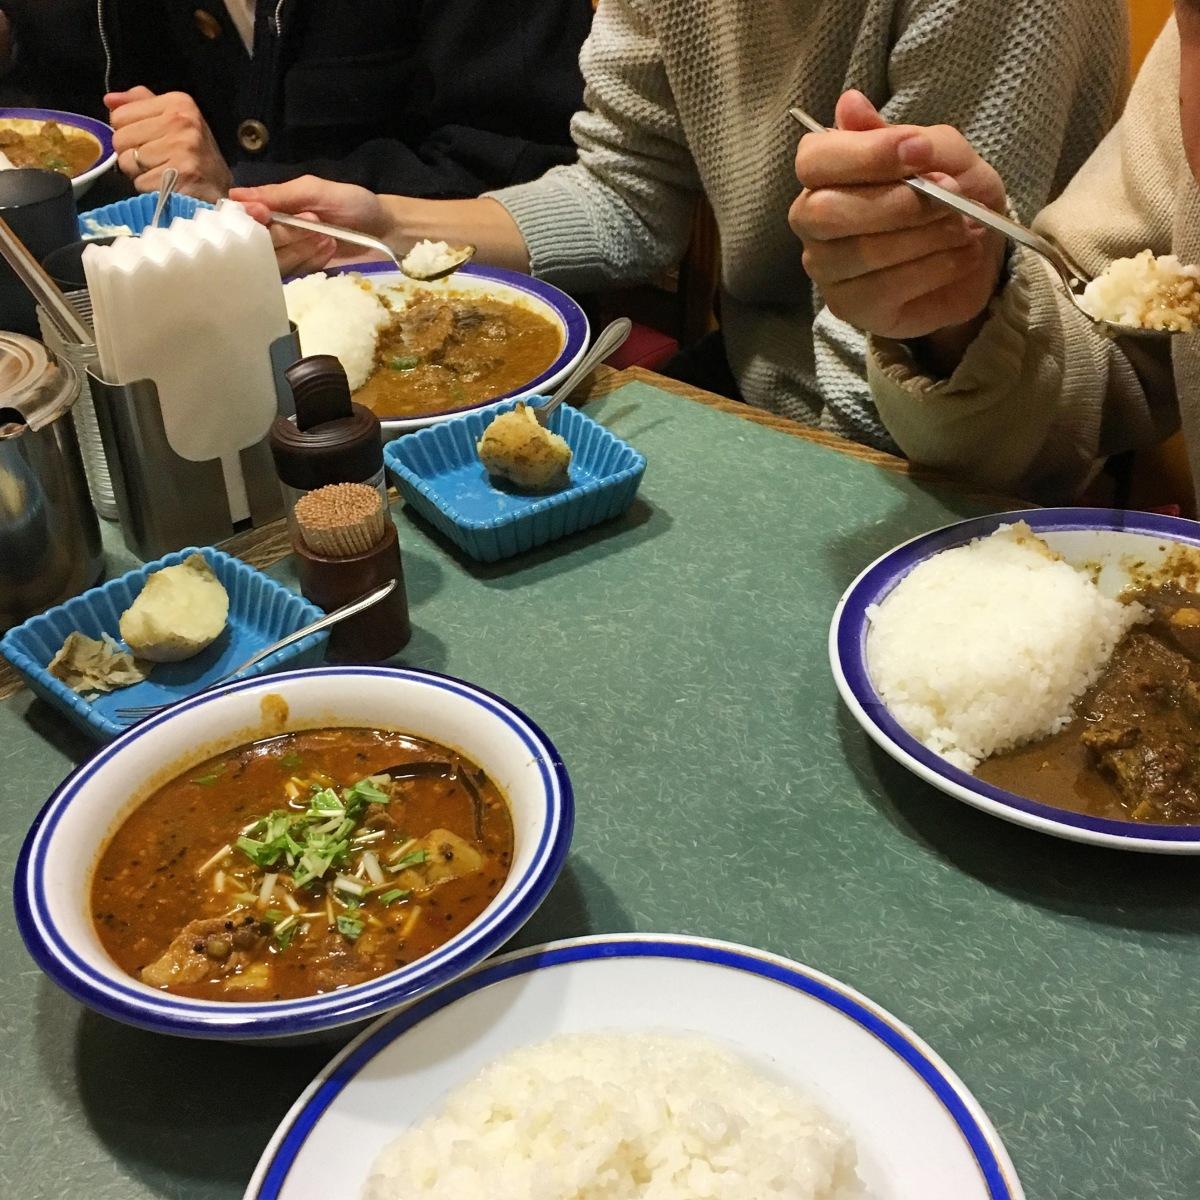 カリーライス専門店 エチオピア 高田馬場店